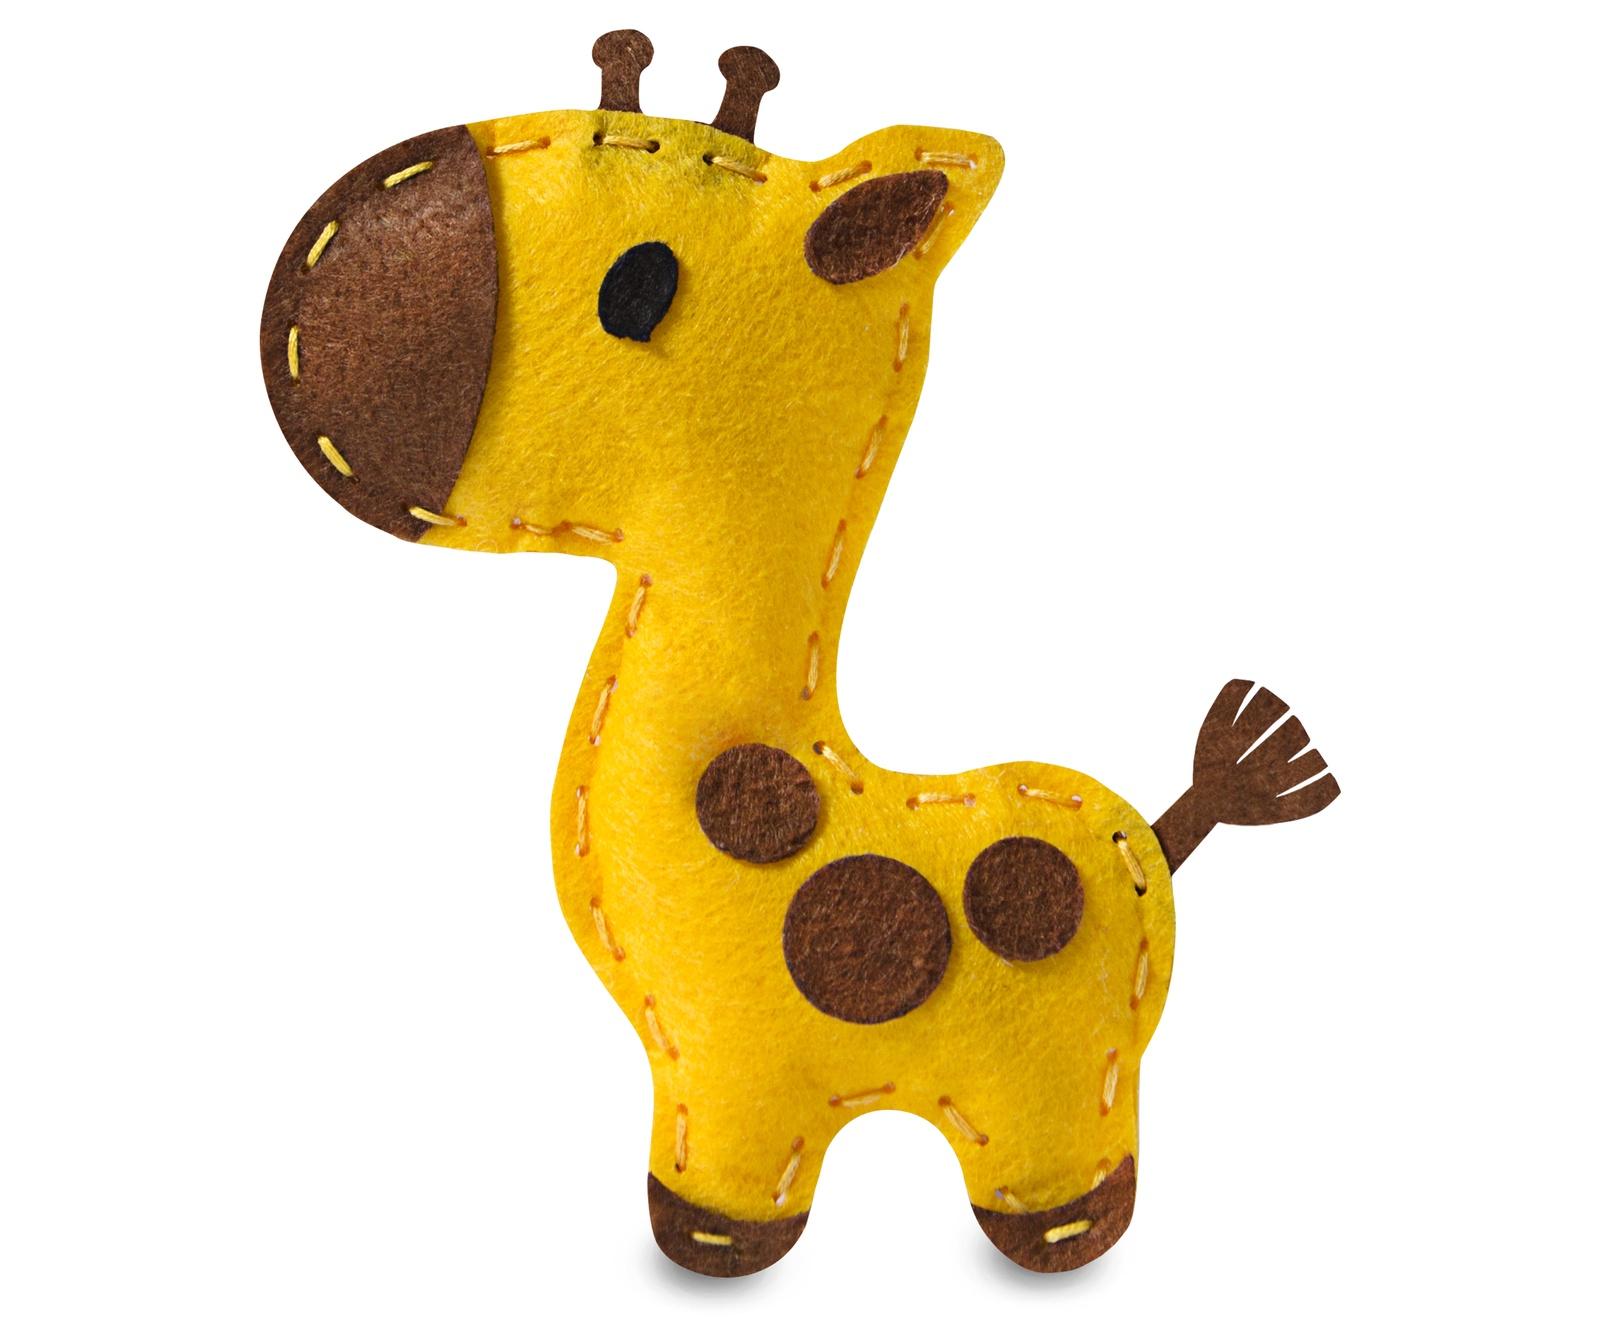 купить Набор для изготовления игрушки Feltrica шьем из фетра мягкая игрушка Жираф по цене 249 рублей